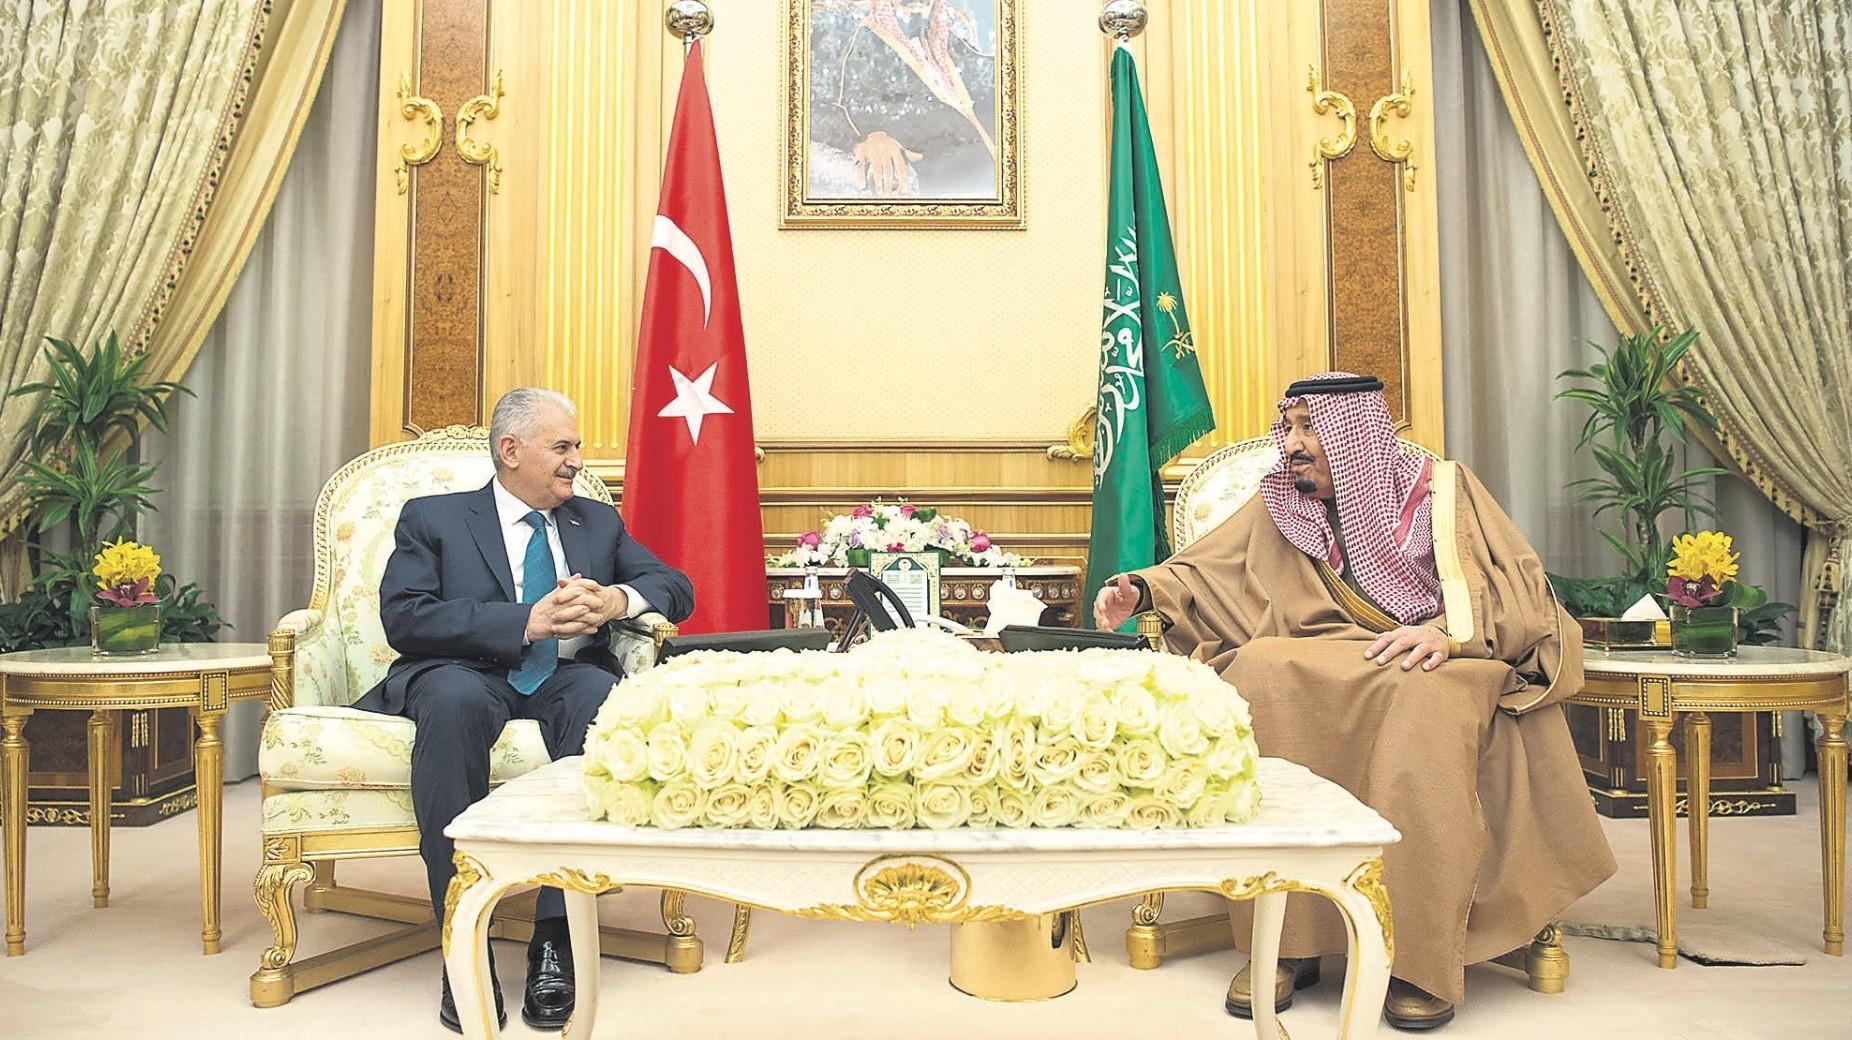 Prime Minister Binali Yu0131ldu0131ru0131m (L) meets with Saudi King Salman, Riyadh, Saudi Arabia, Dec. 27.